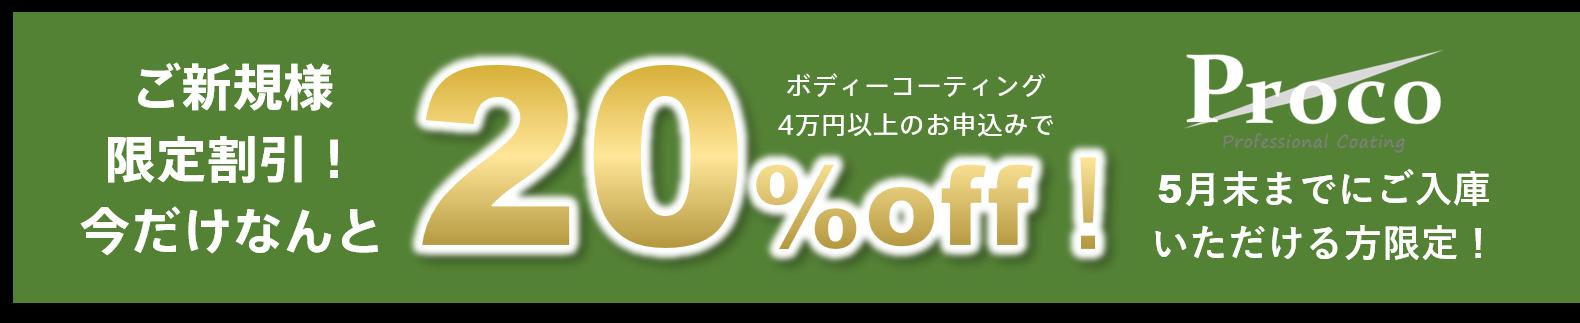 ガラスコーティング埼玉キャンペーン